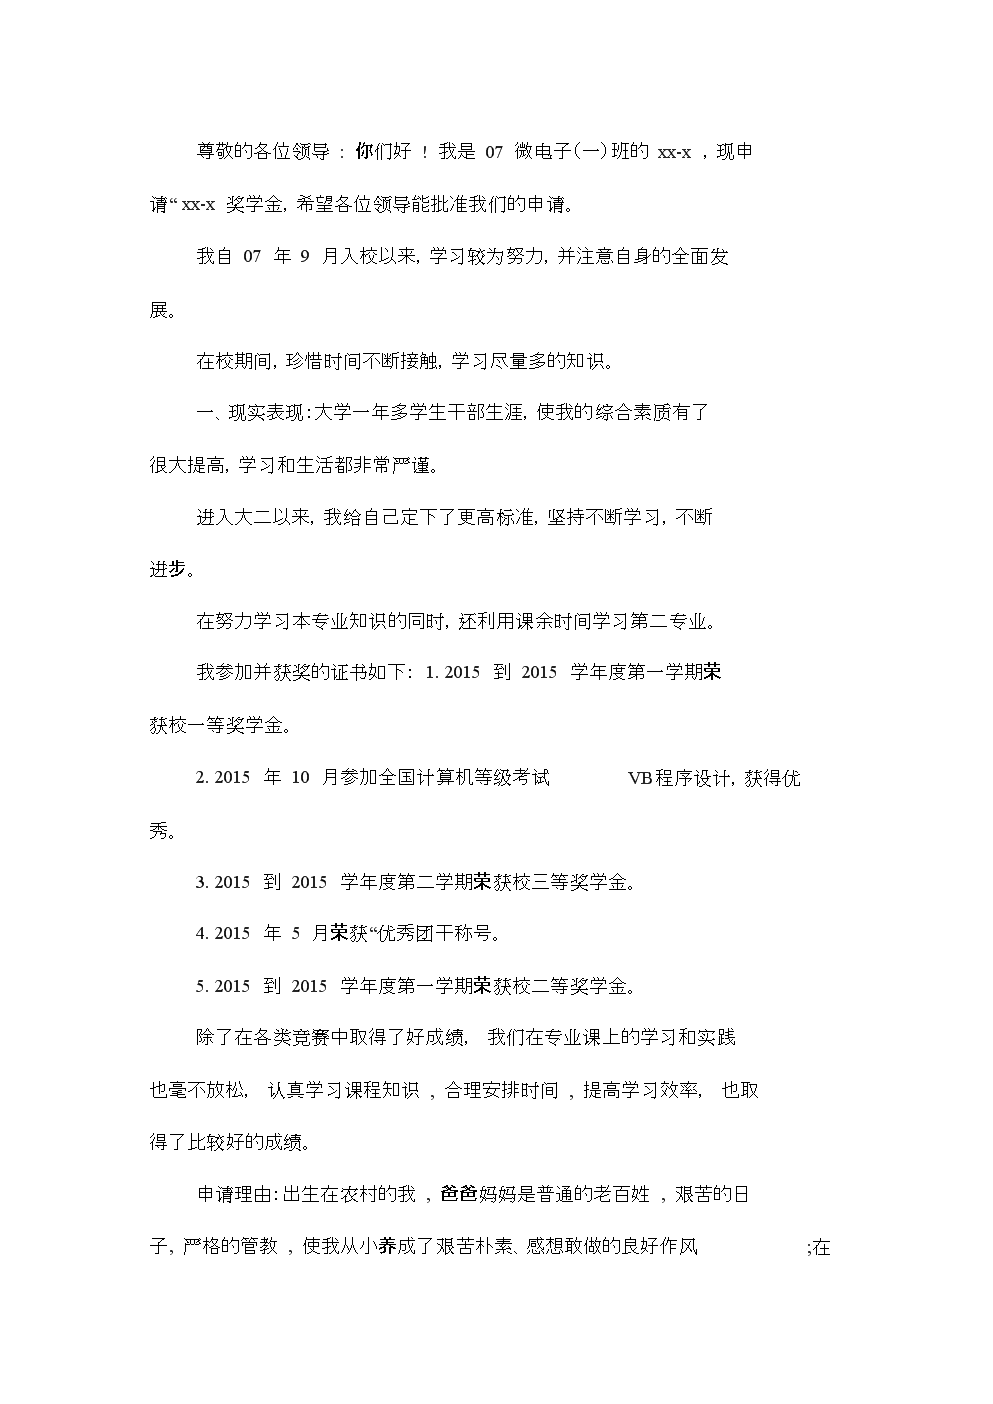 大一奖学金申请理由文档.docx